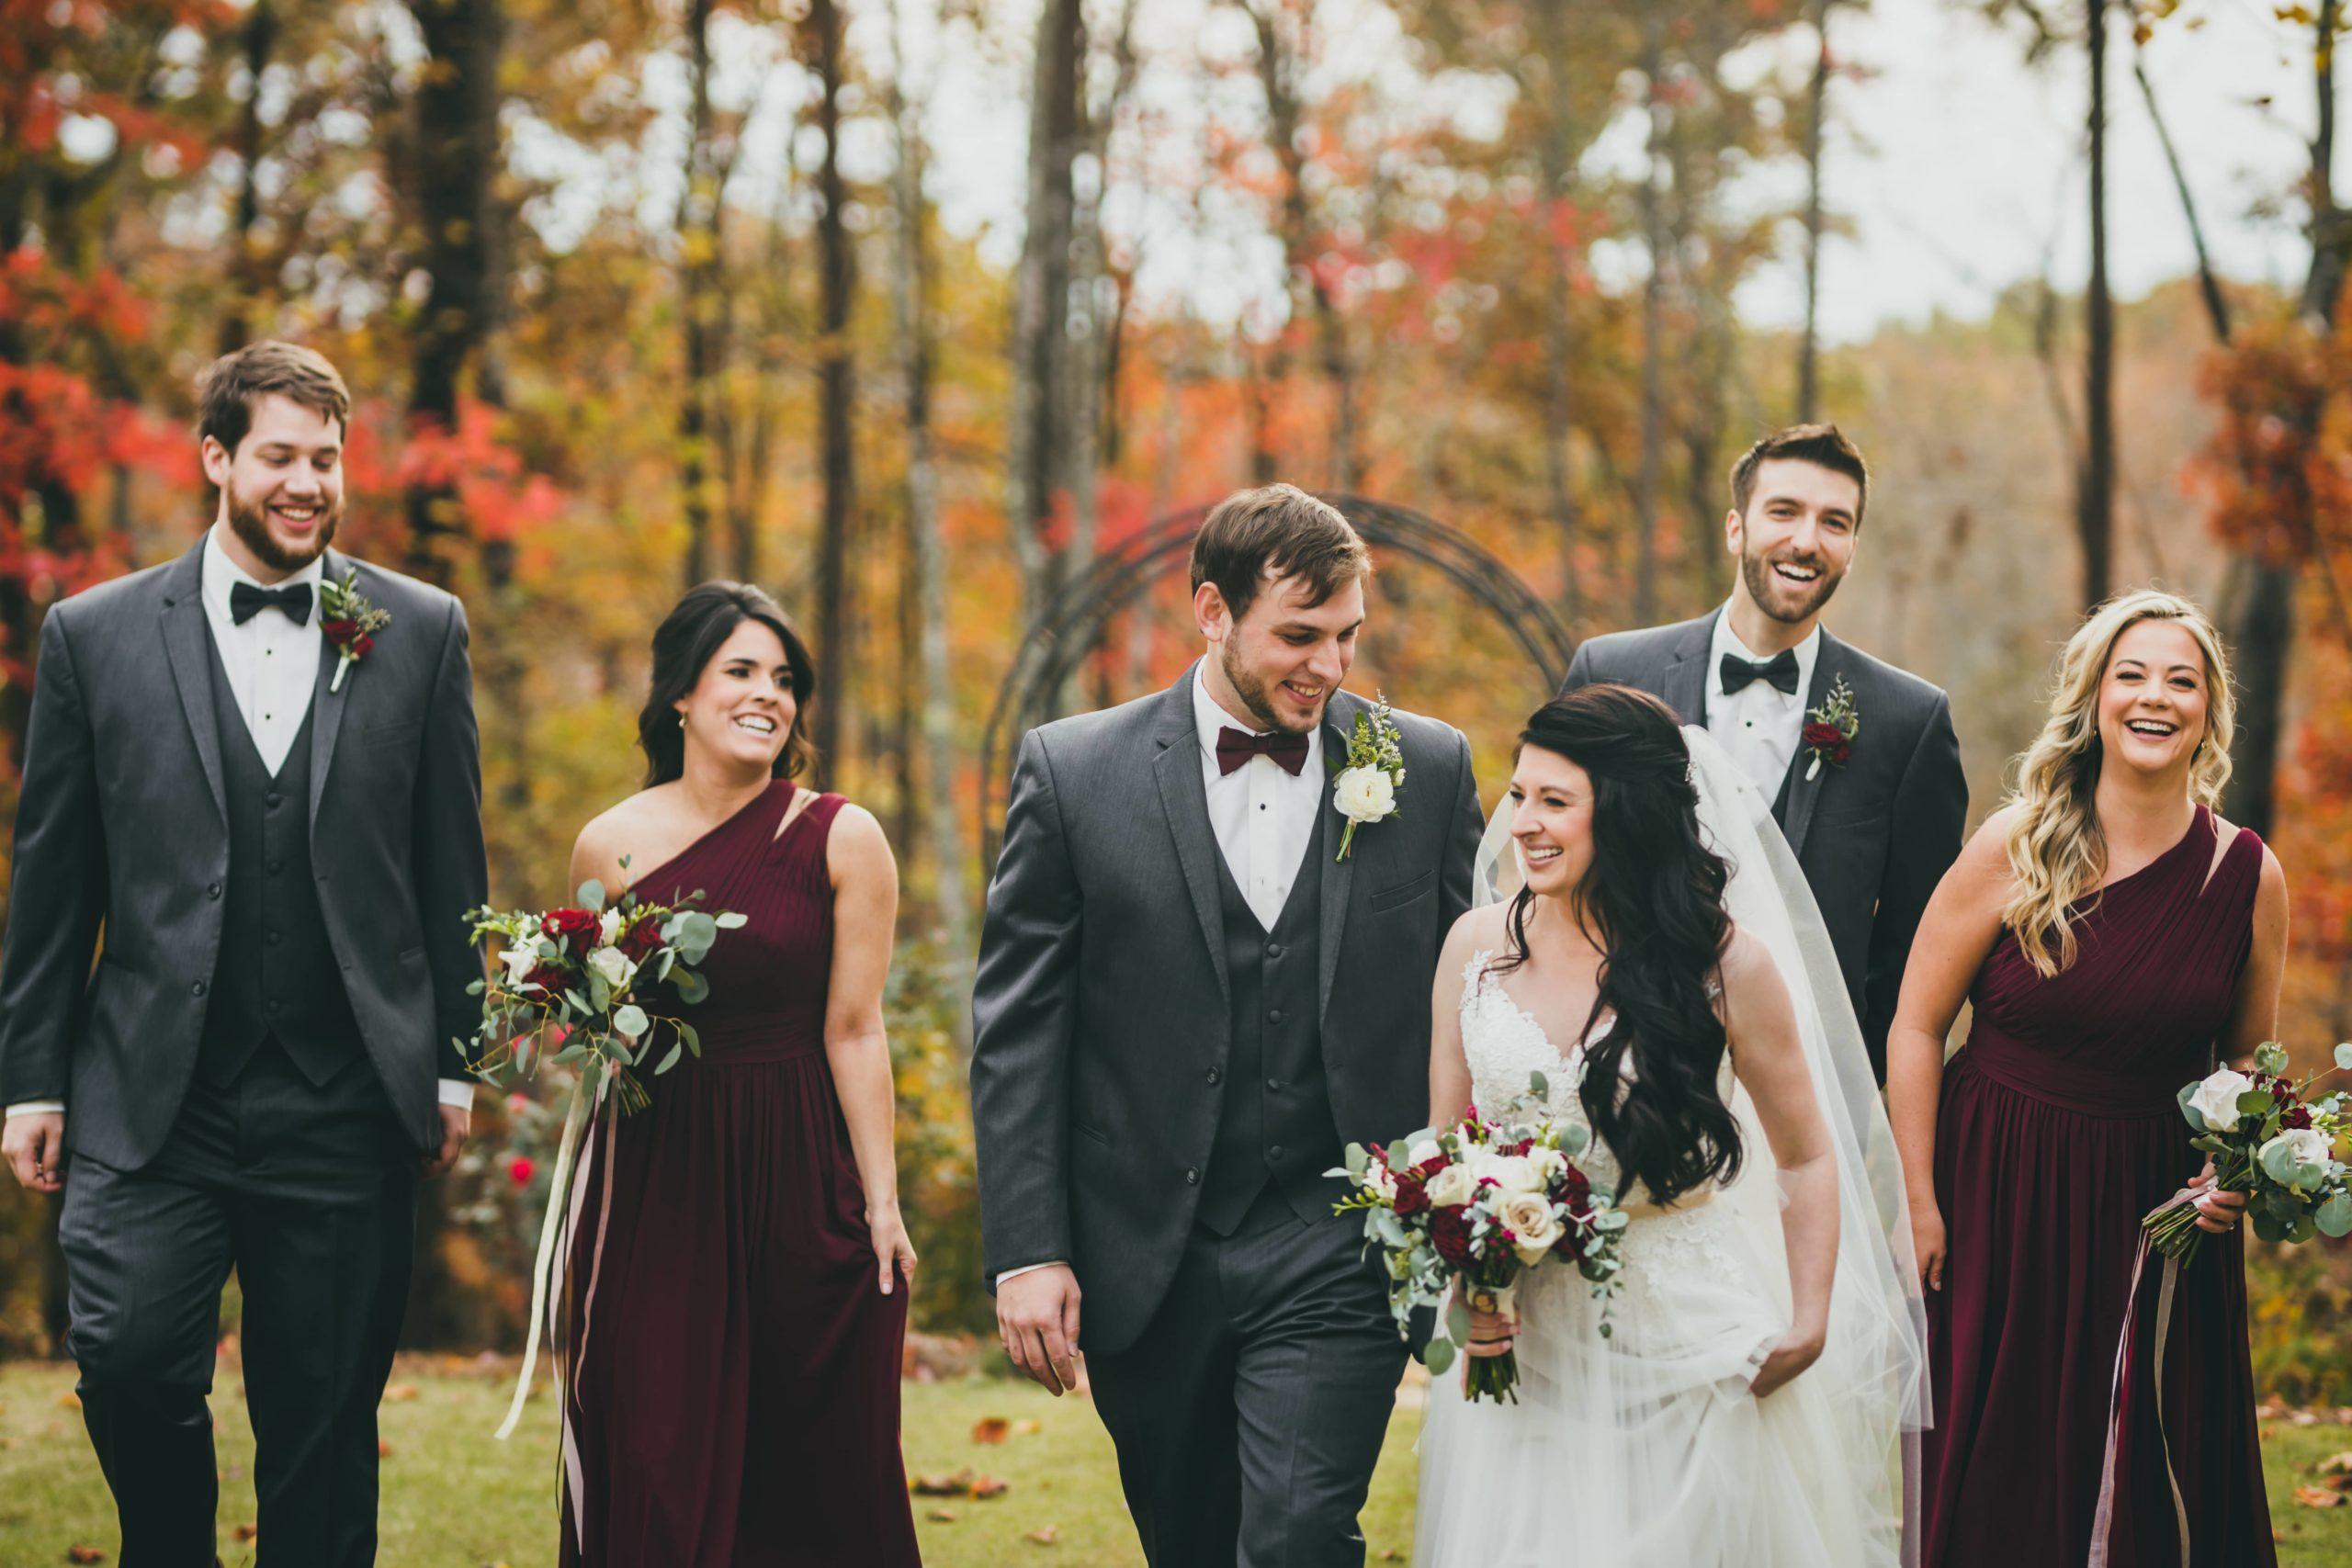 Juliette-Chapel-Wedding-Misty-Alec-6168